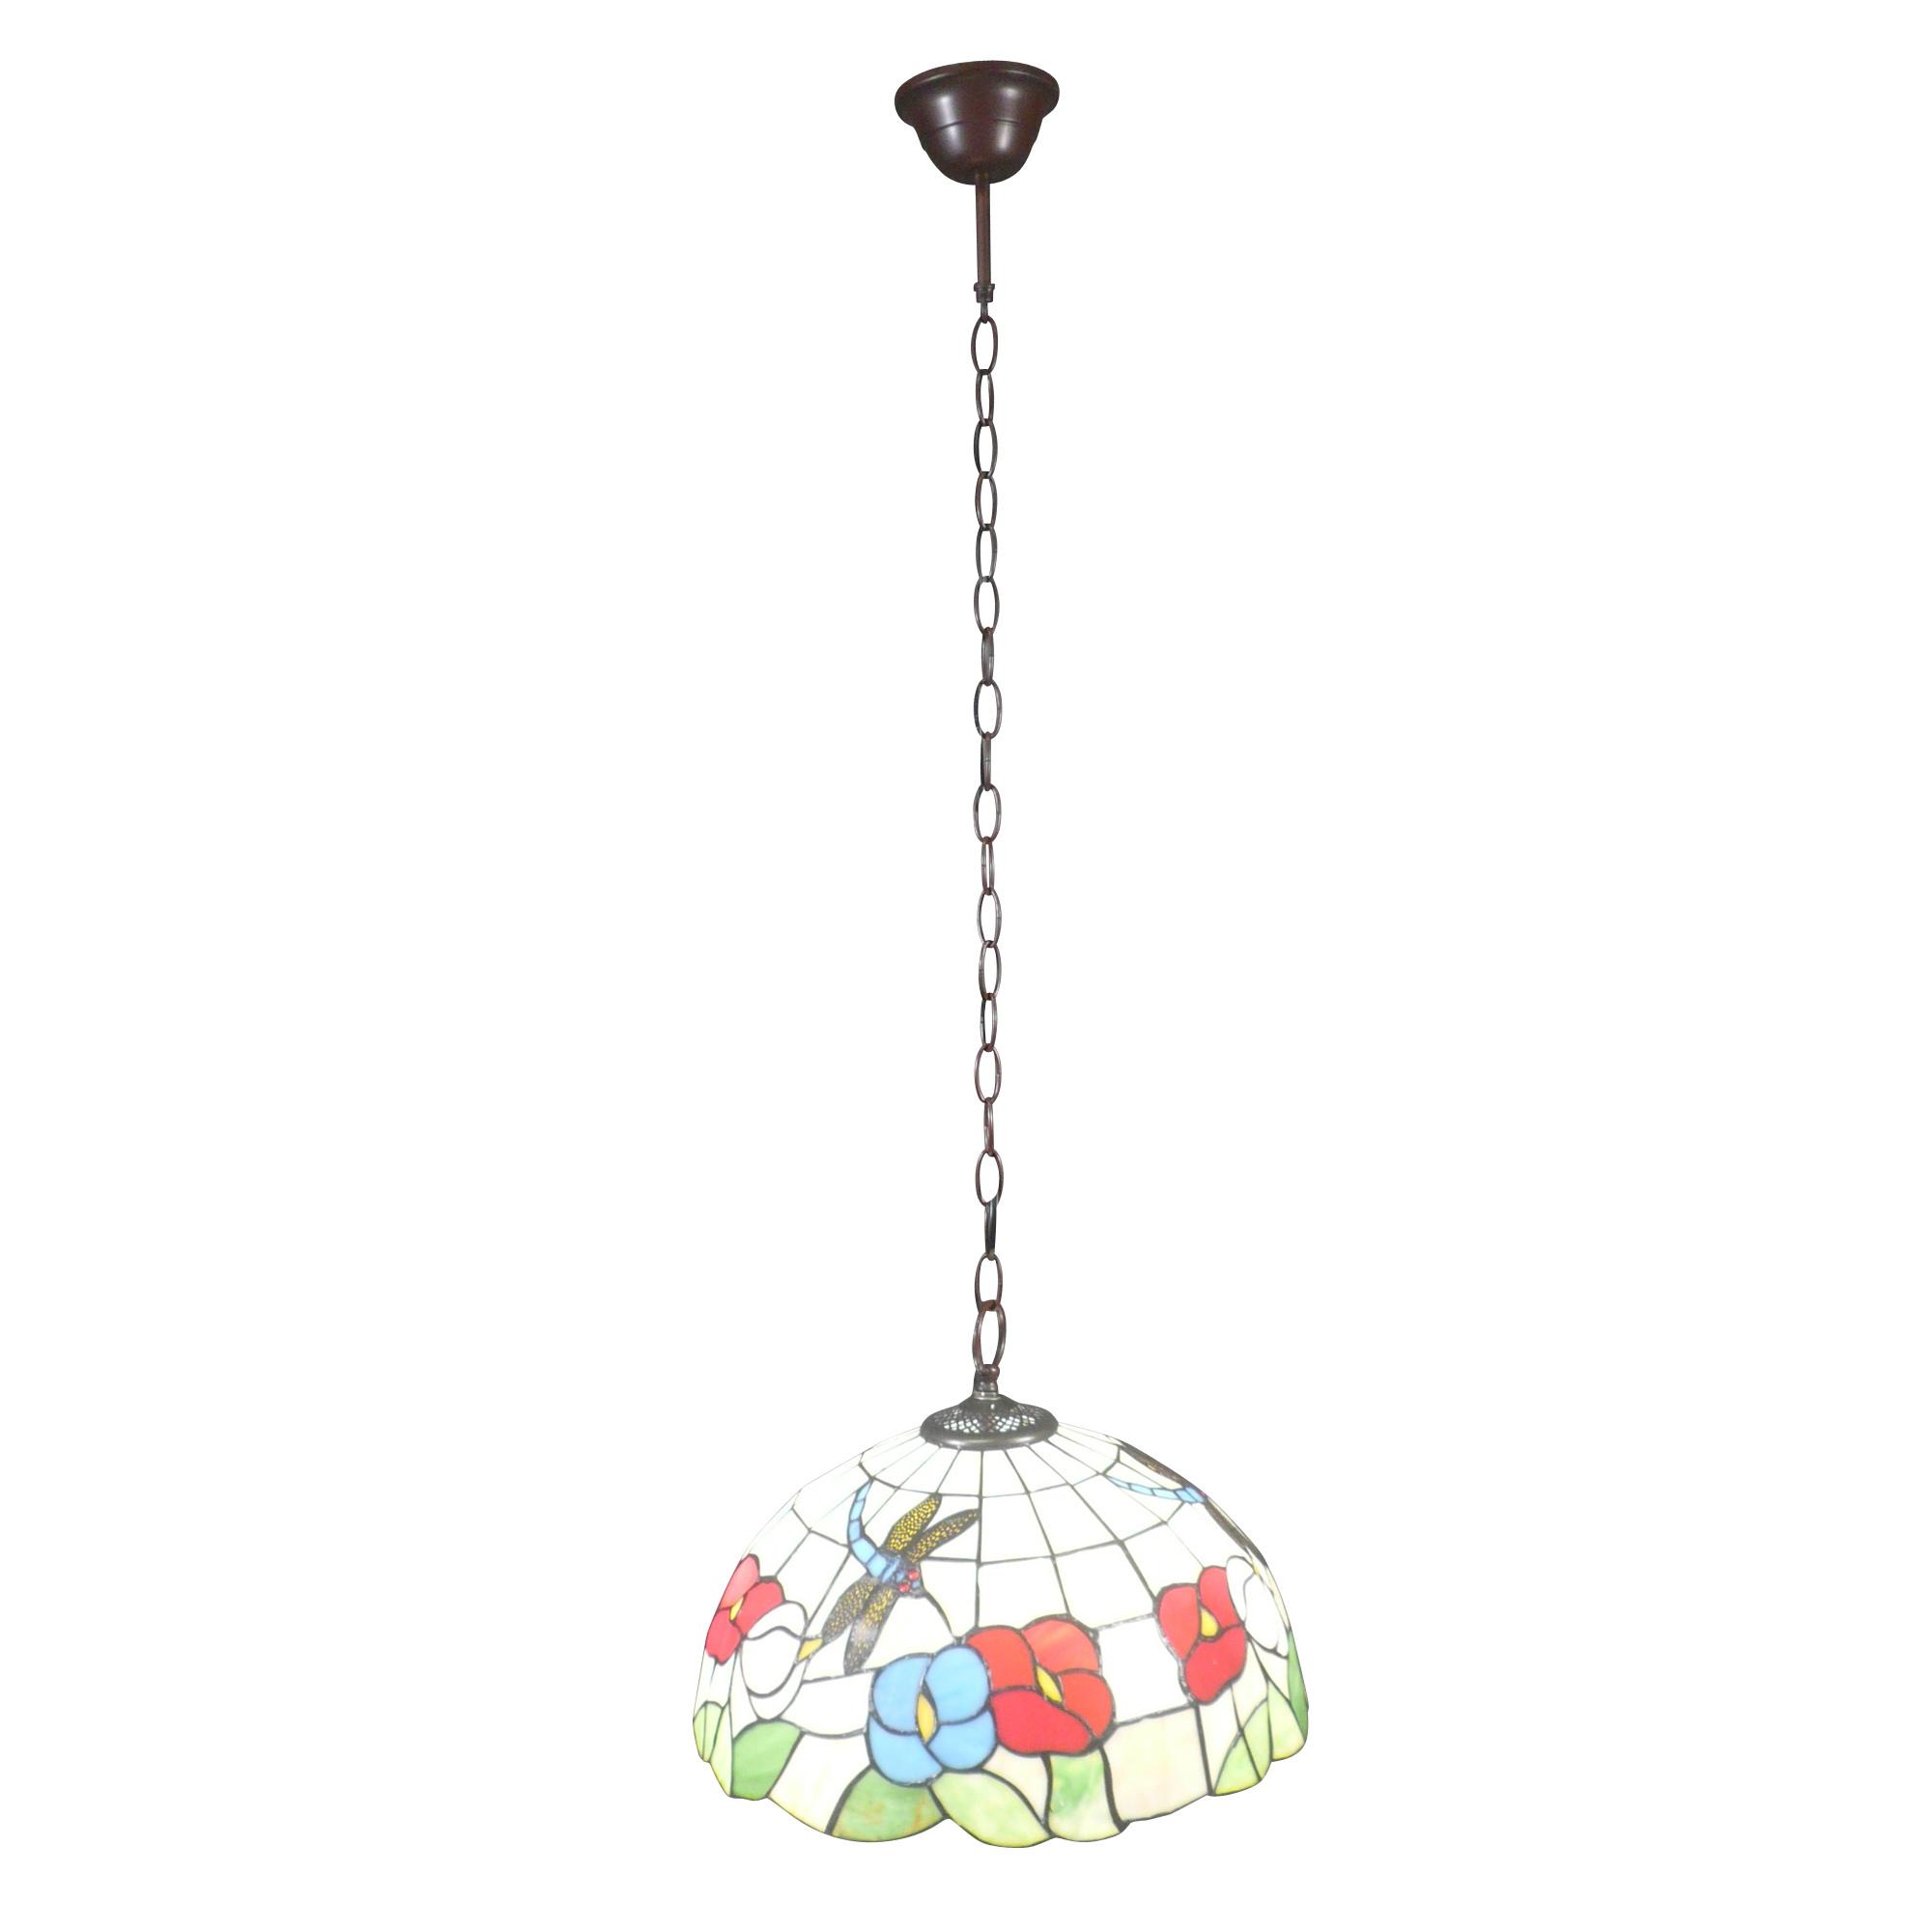 Für Die Beleuchtung Ihres Wohnzimmers Wird Dieser Tiffany Kronleuchter Ein  Nüchternes Licht Mit Weißem Hintergrund; Eine Tiffany Wandlampe ...